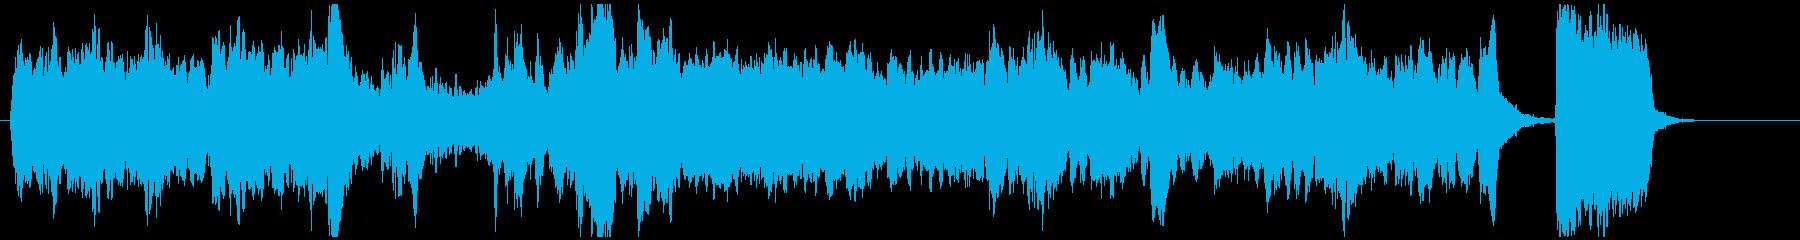 ヴァイオリン・チェロ2重奏の再生済みの波形